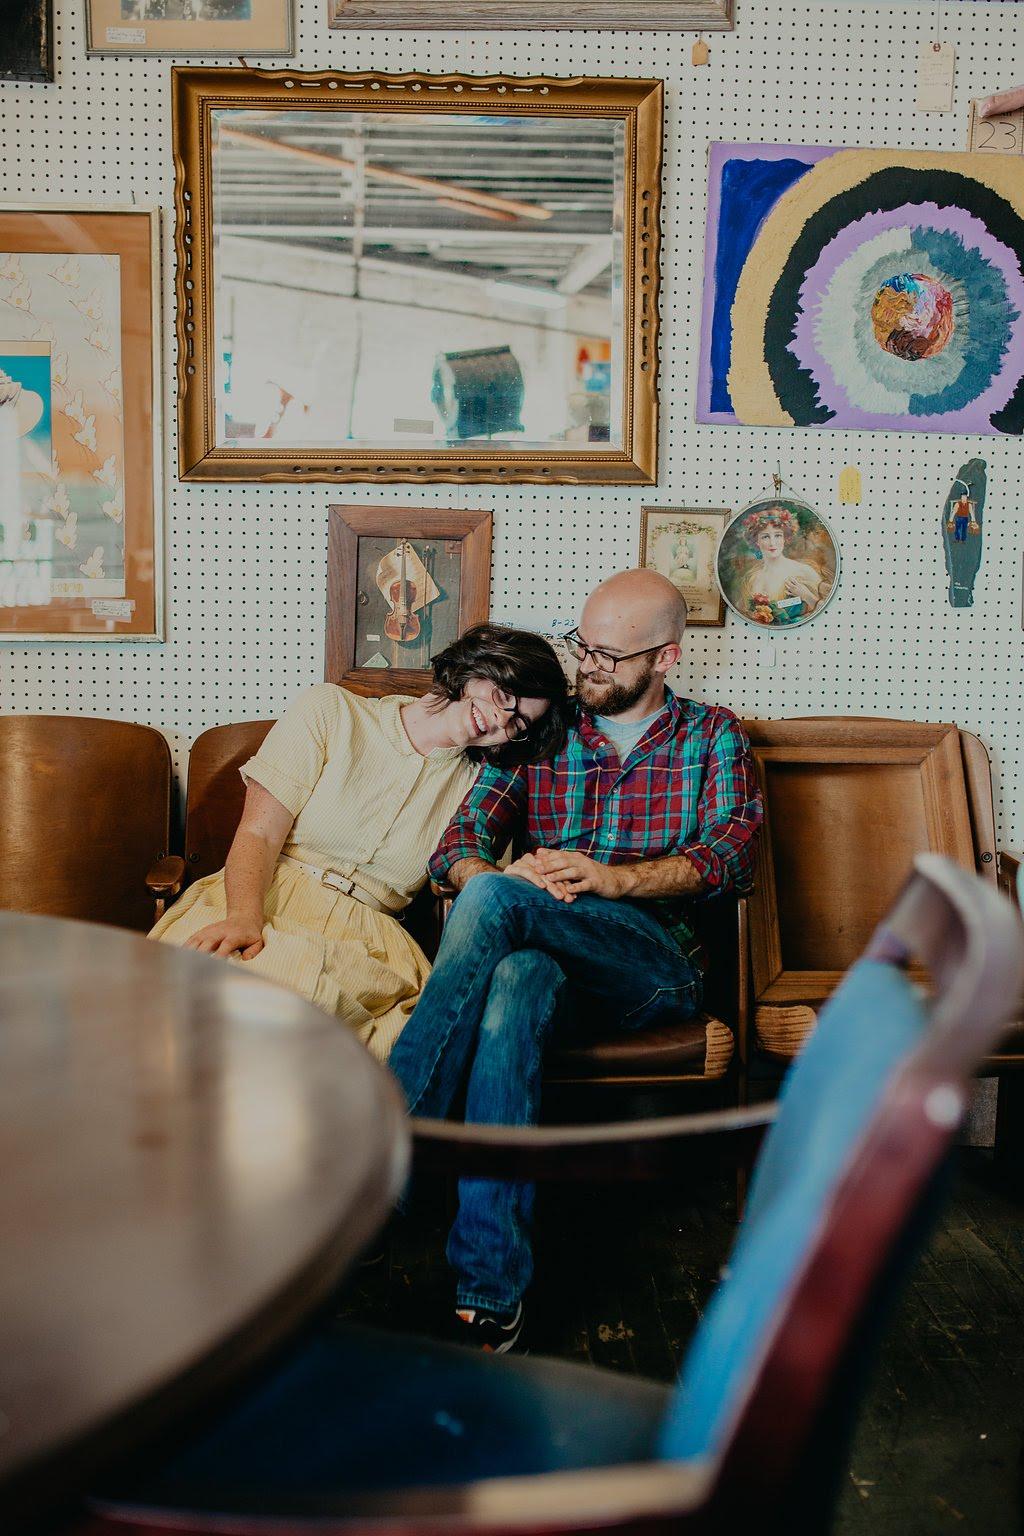 antique shop couples photo shoot.jpg